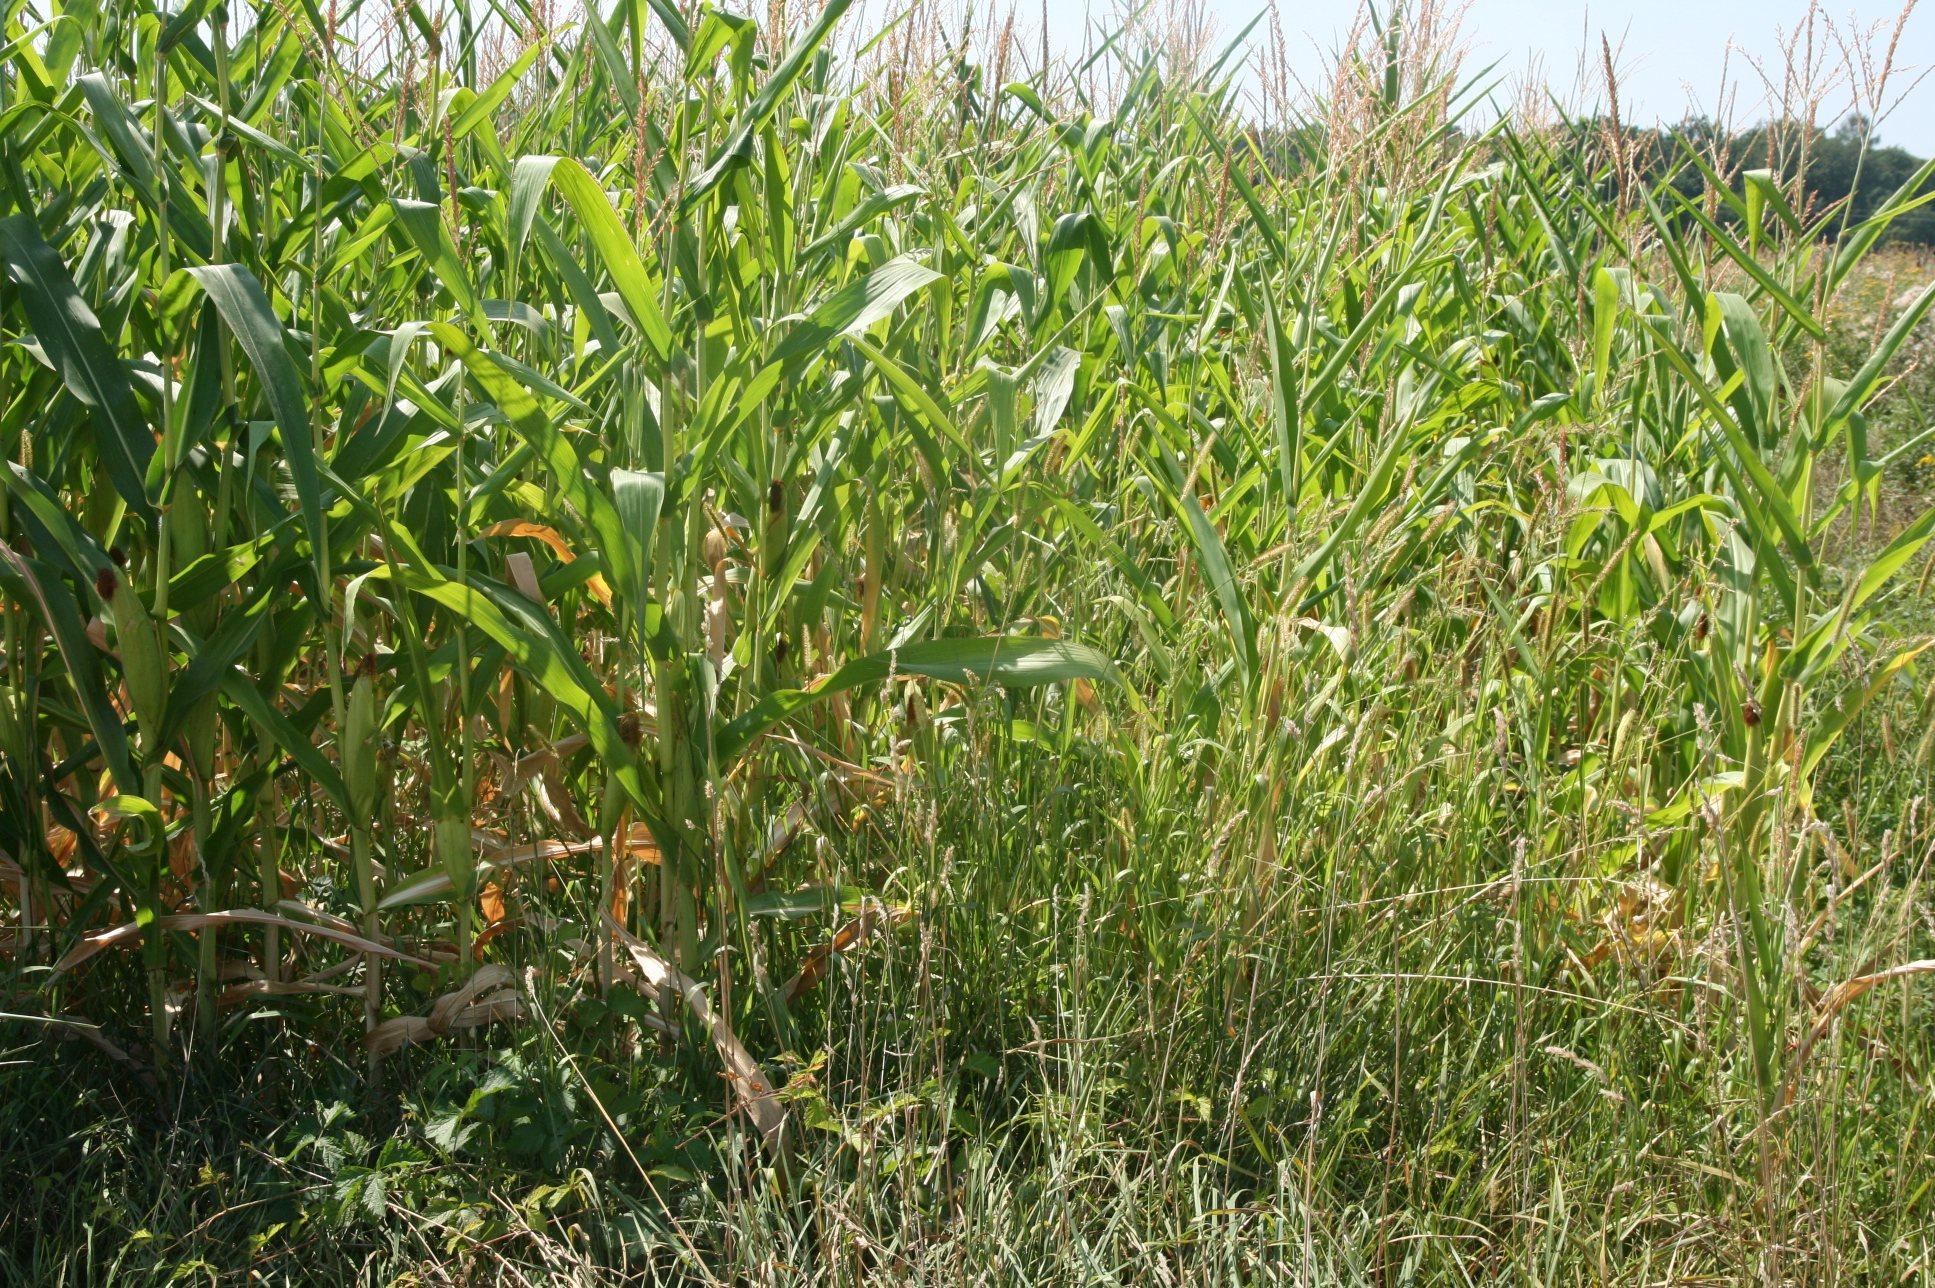 Koruza je po besedah direktorja Kmetijsko-gozdarskega zavoda v Murski Soboti Franca Režonje prizadeta na 40 odstotkih površin od 20- do 50- odstotno